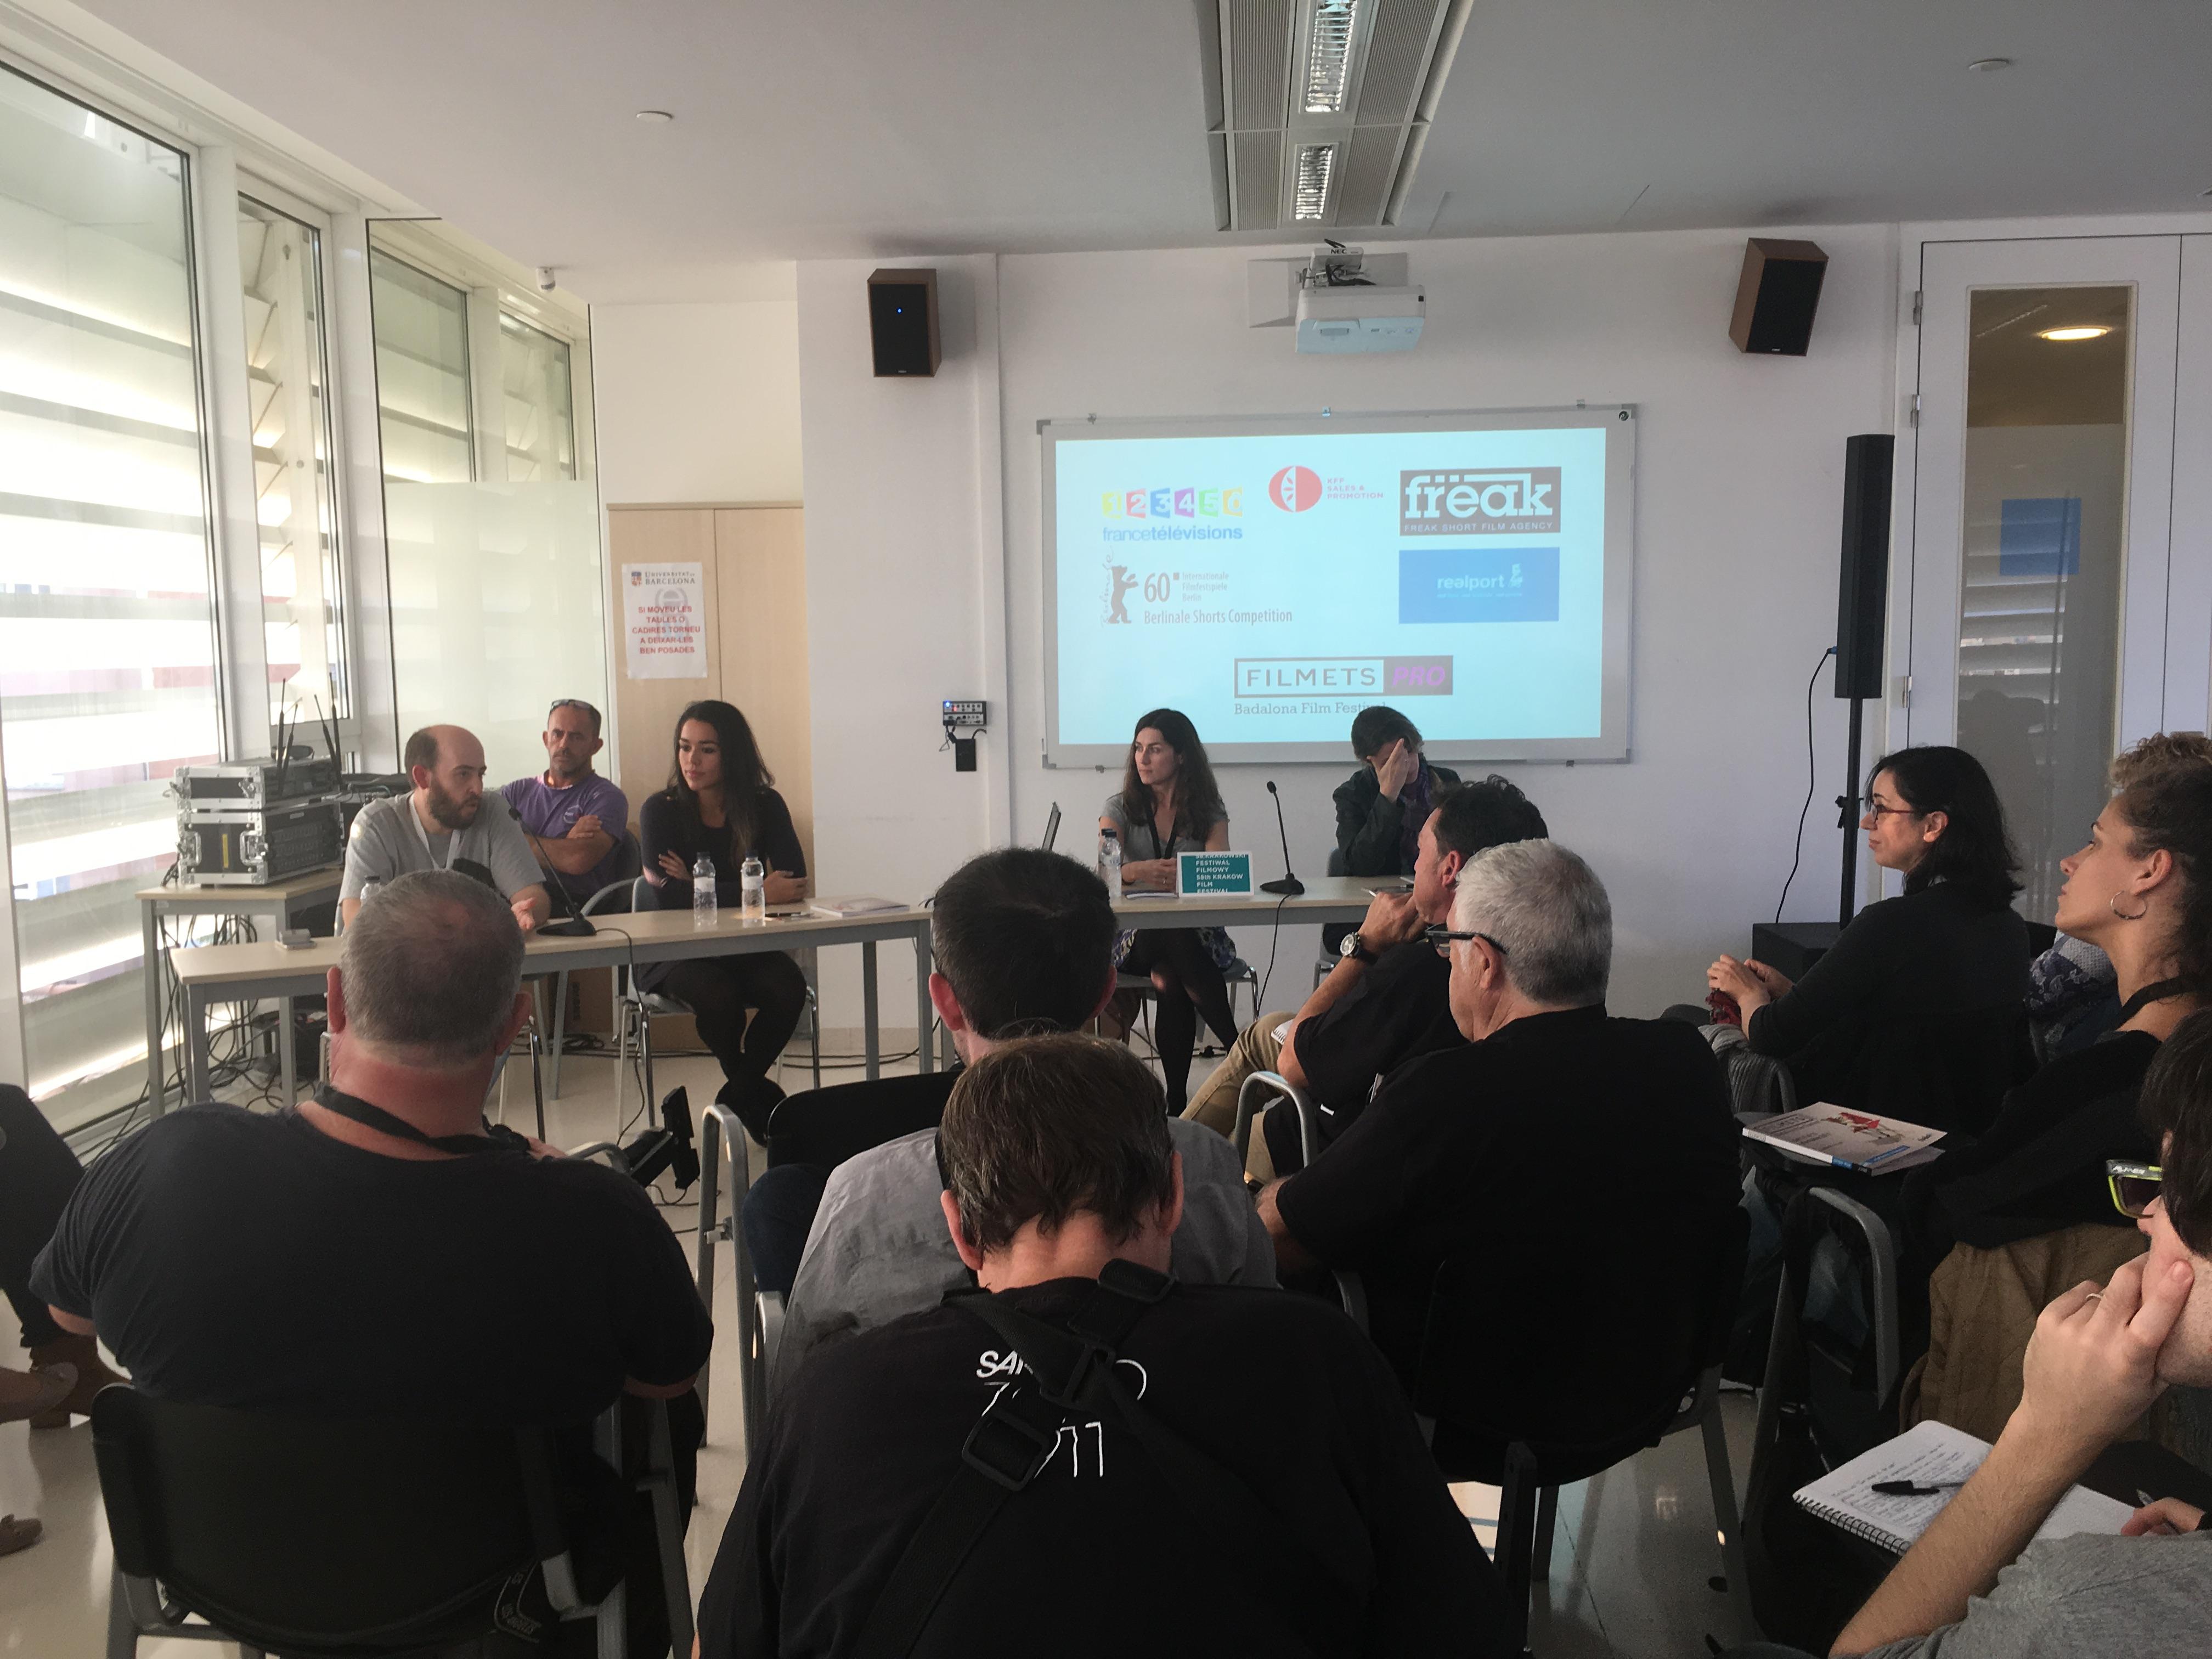 Filmets: Badalona Film Festival – distribució de curtmetratges